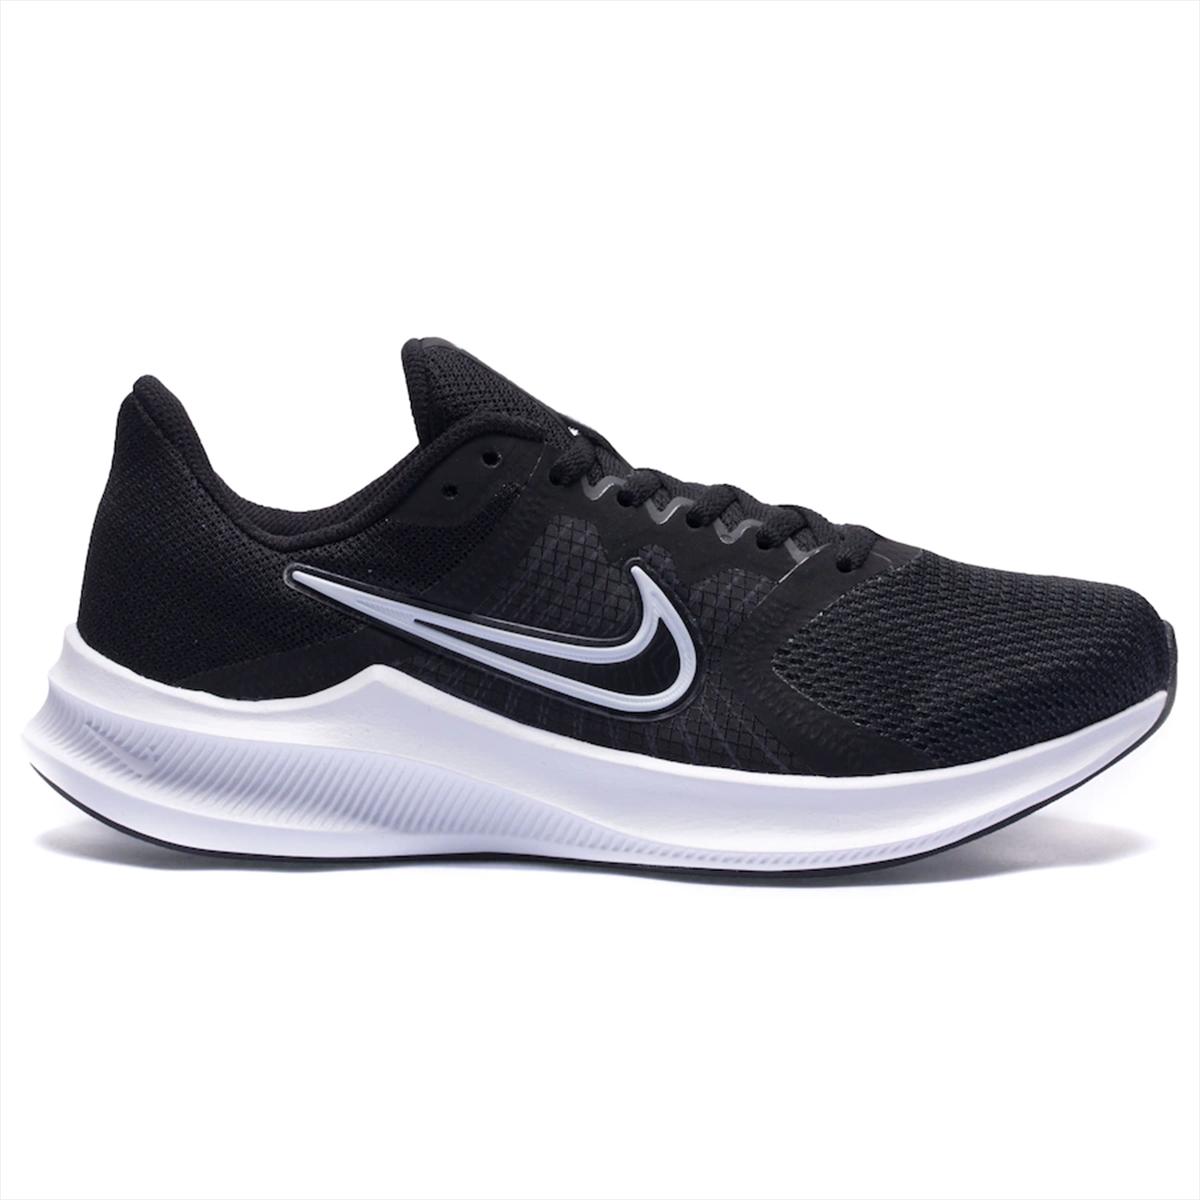 Tênis Nike Downshifter 11 preto e branco